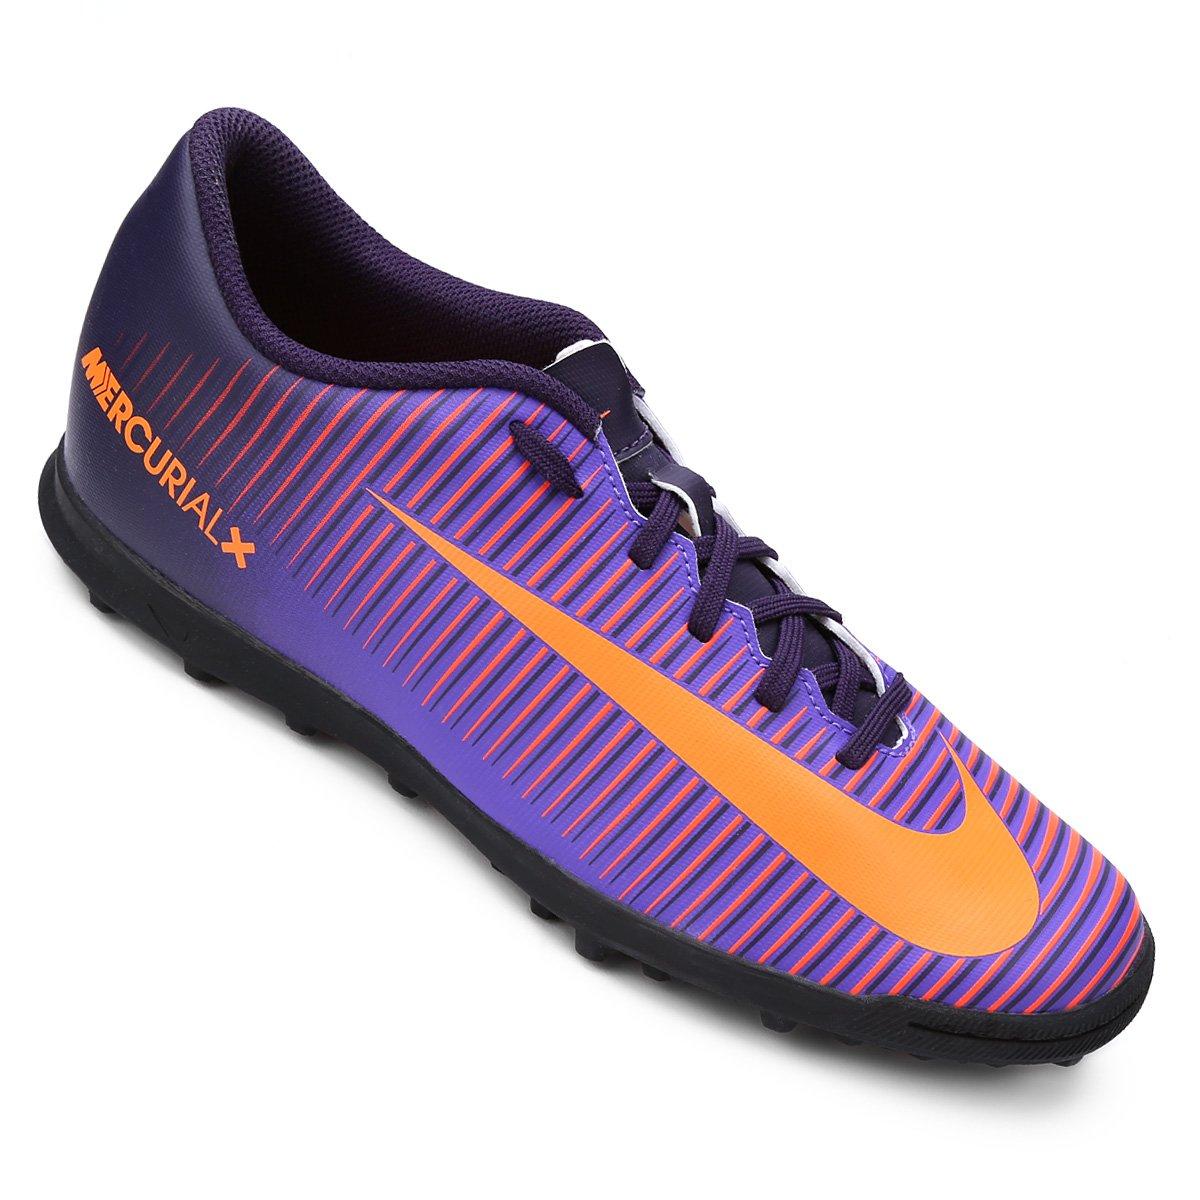 Chuteira Society Nike Mercurial Vortex 3 TF Masculina - Roxo ... 03c61f1a42f61